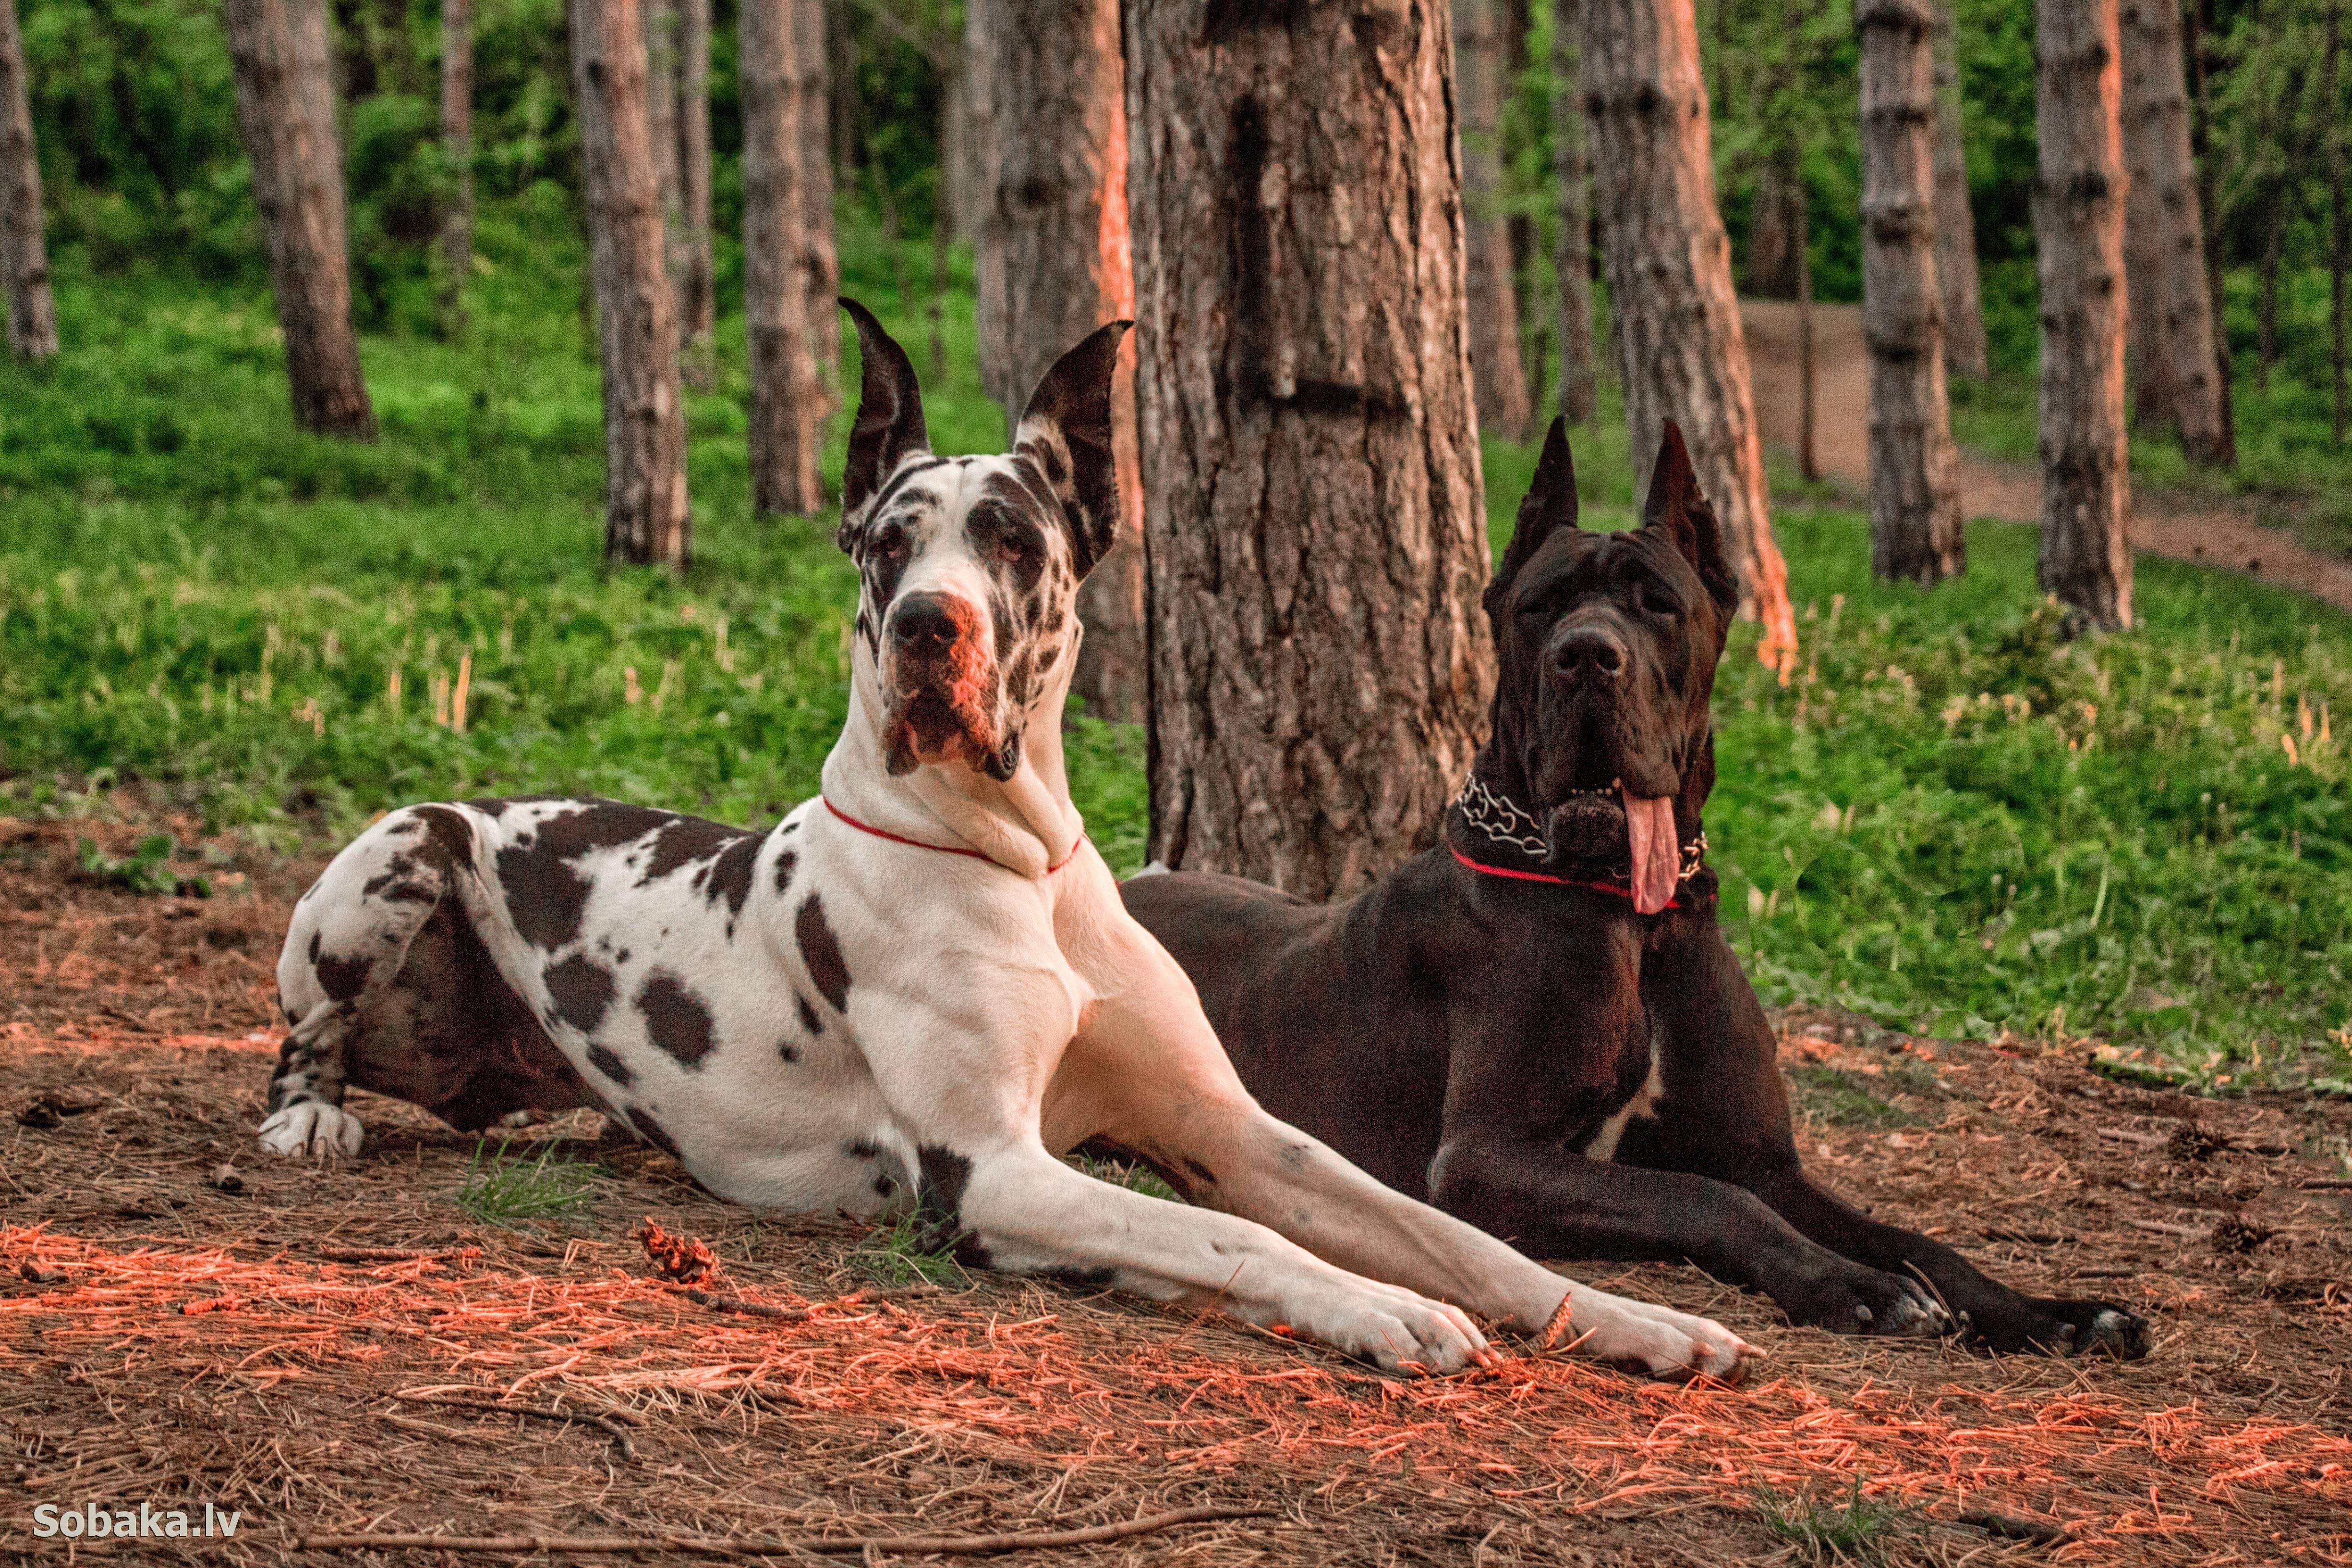 Топ-10 самых красивых пород собак в мире: рейтинг на фото